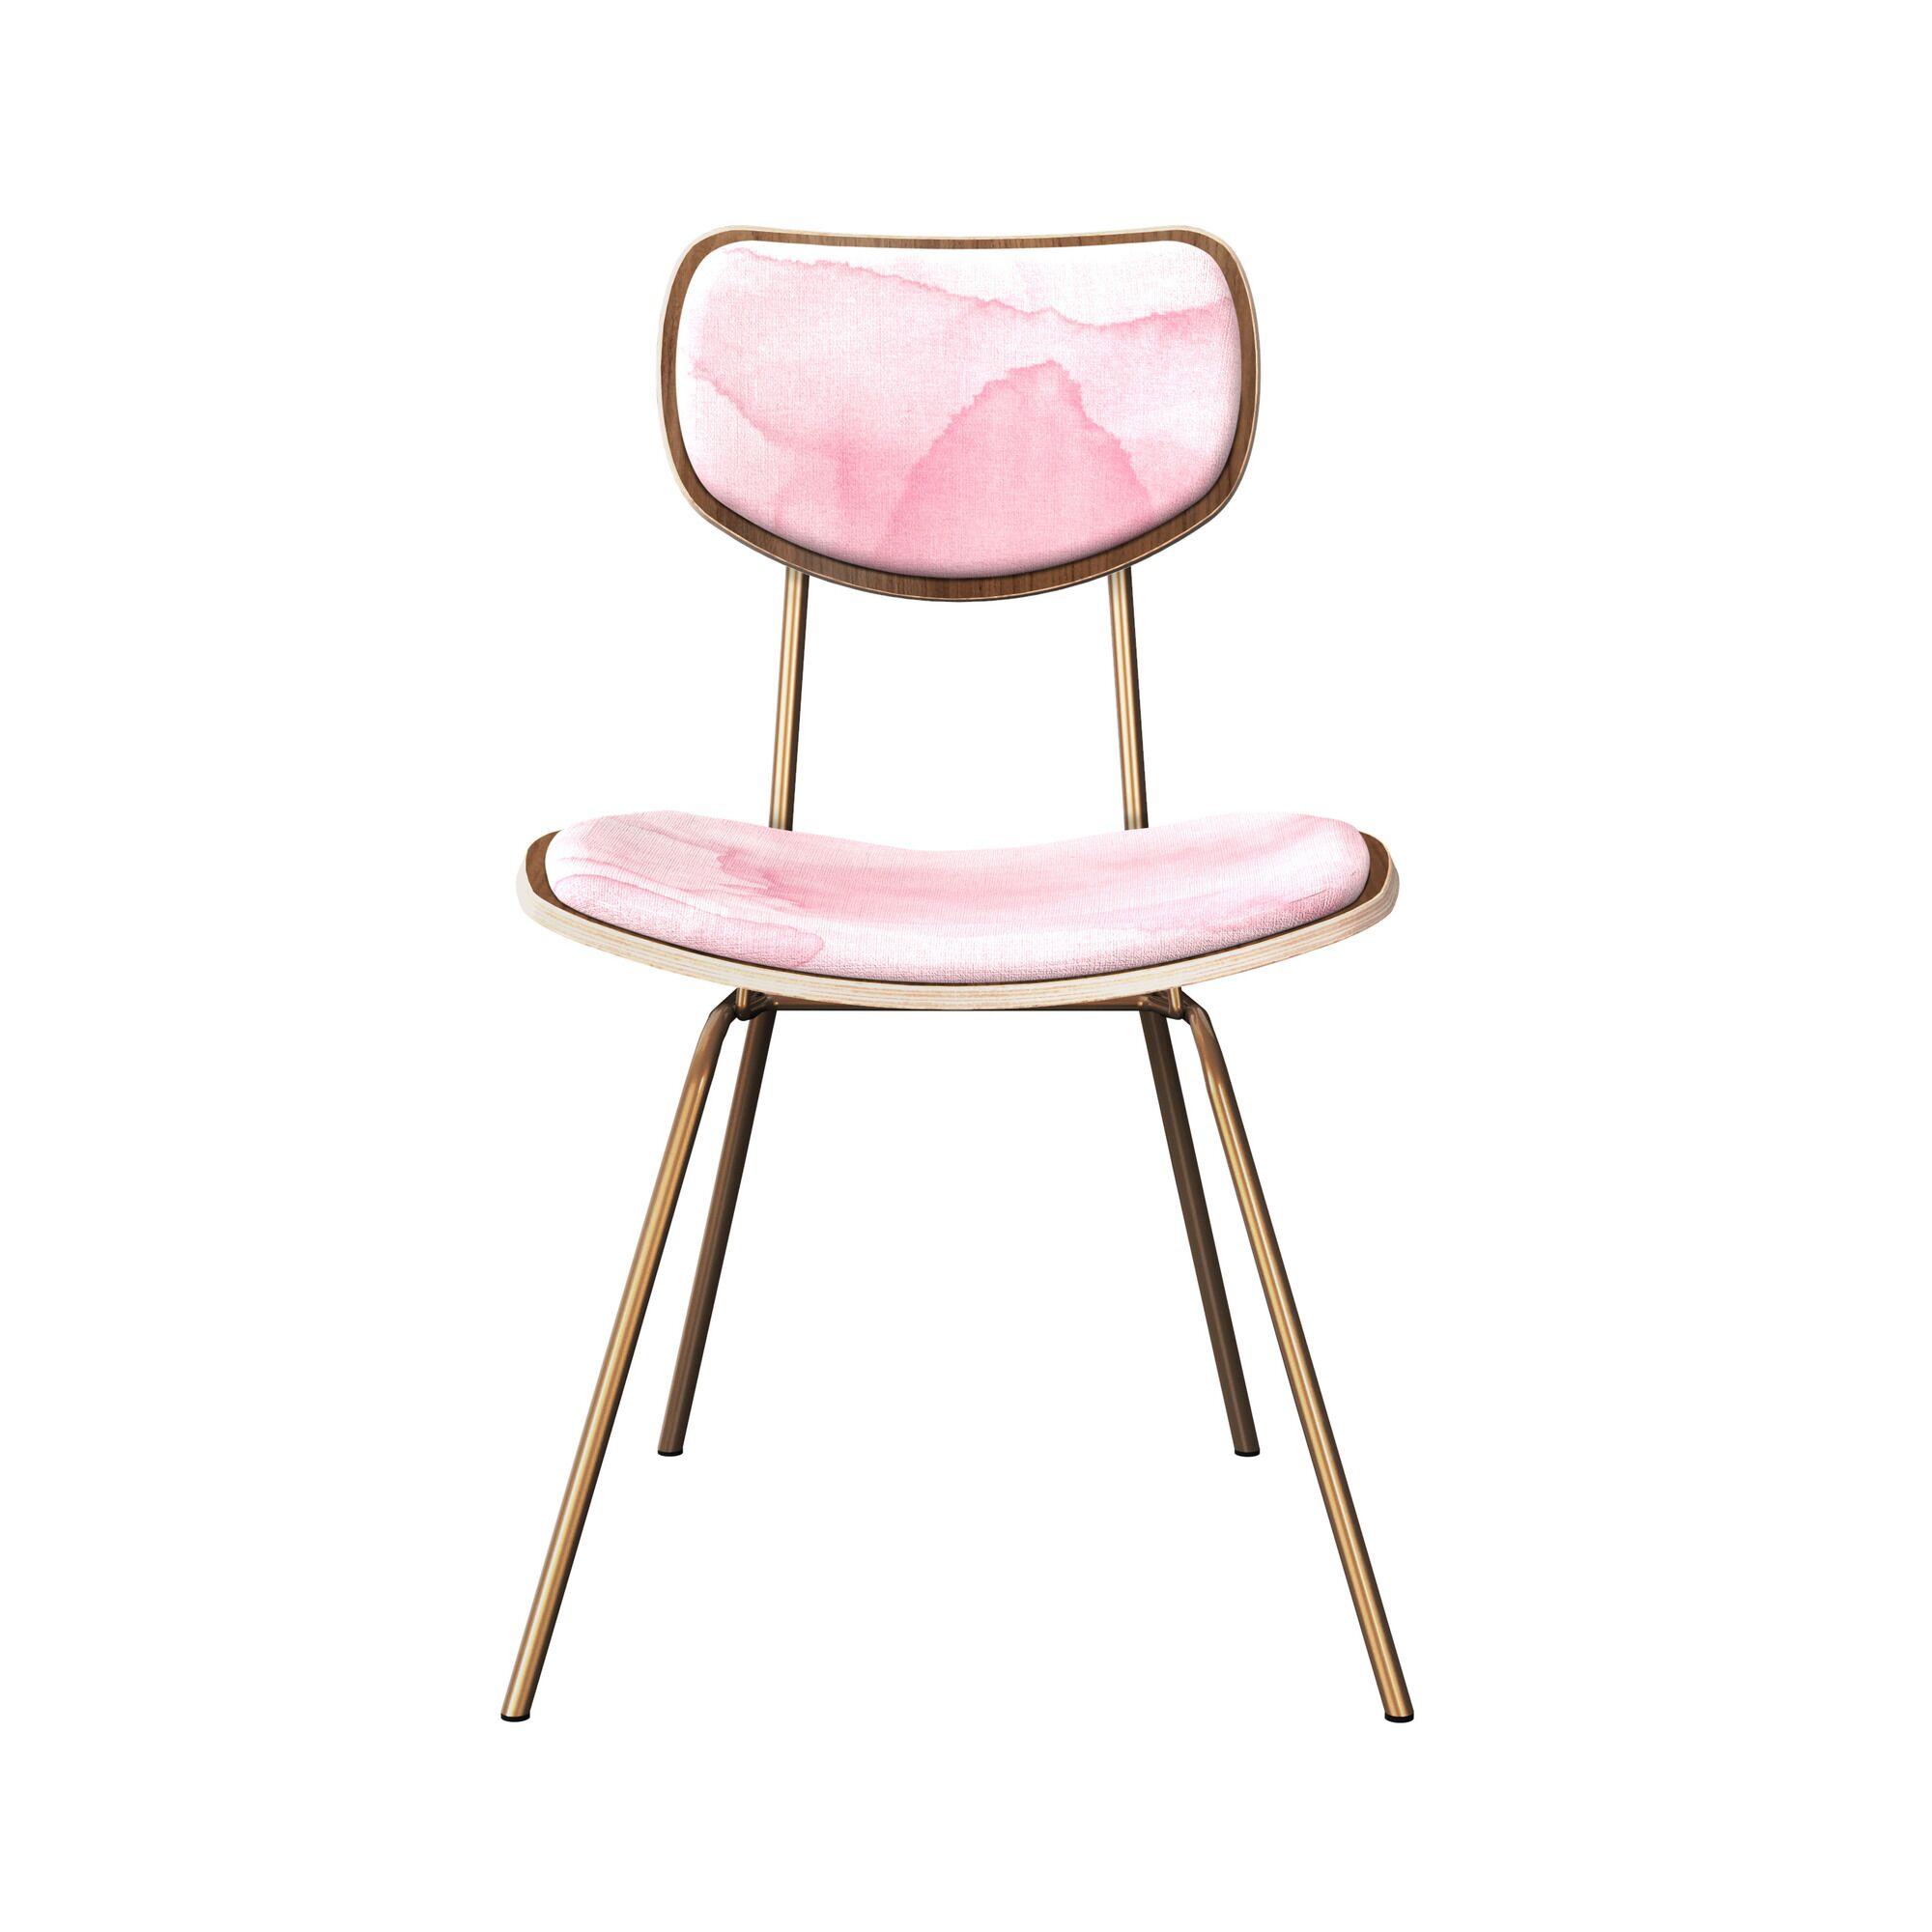 Dodsworth Upholstered Dining Chair Leg Color: Brass, Frame Color: Walnut